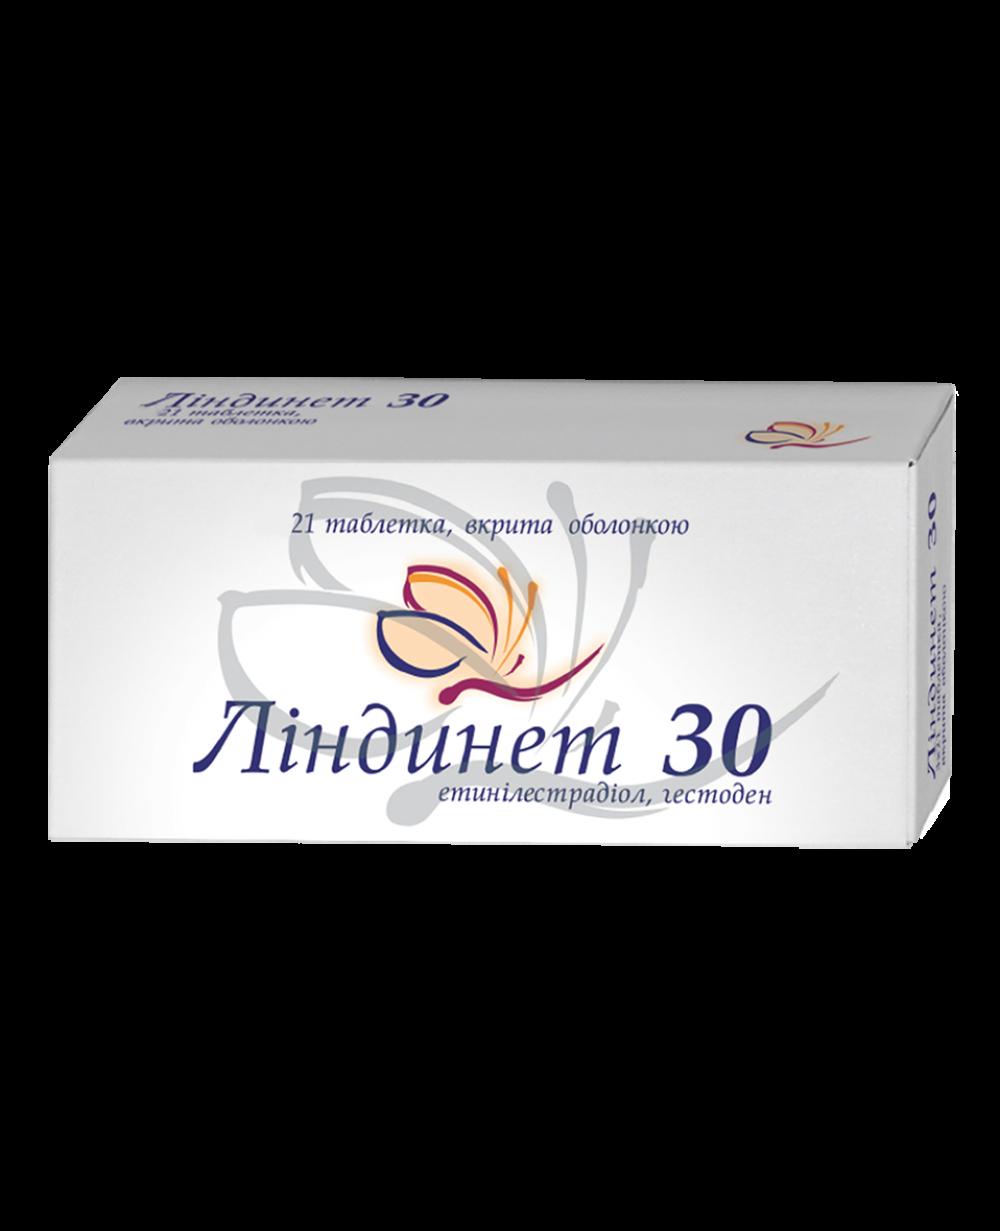 Либидо и гормональная контрацепция. проблема снижения полового влечения женщины при приеме гормональных таблеток